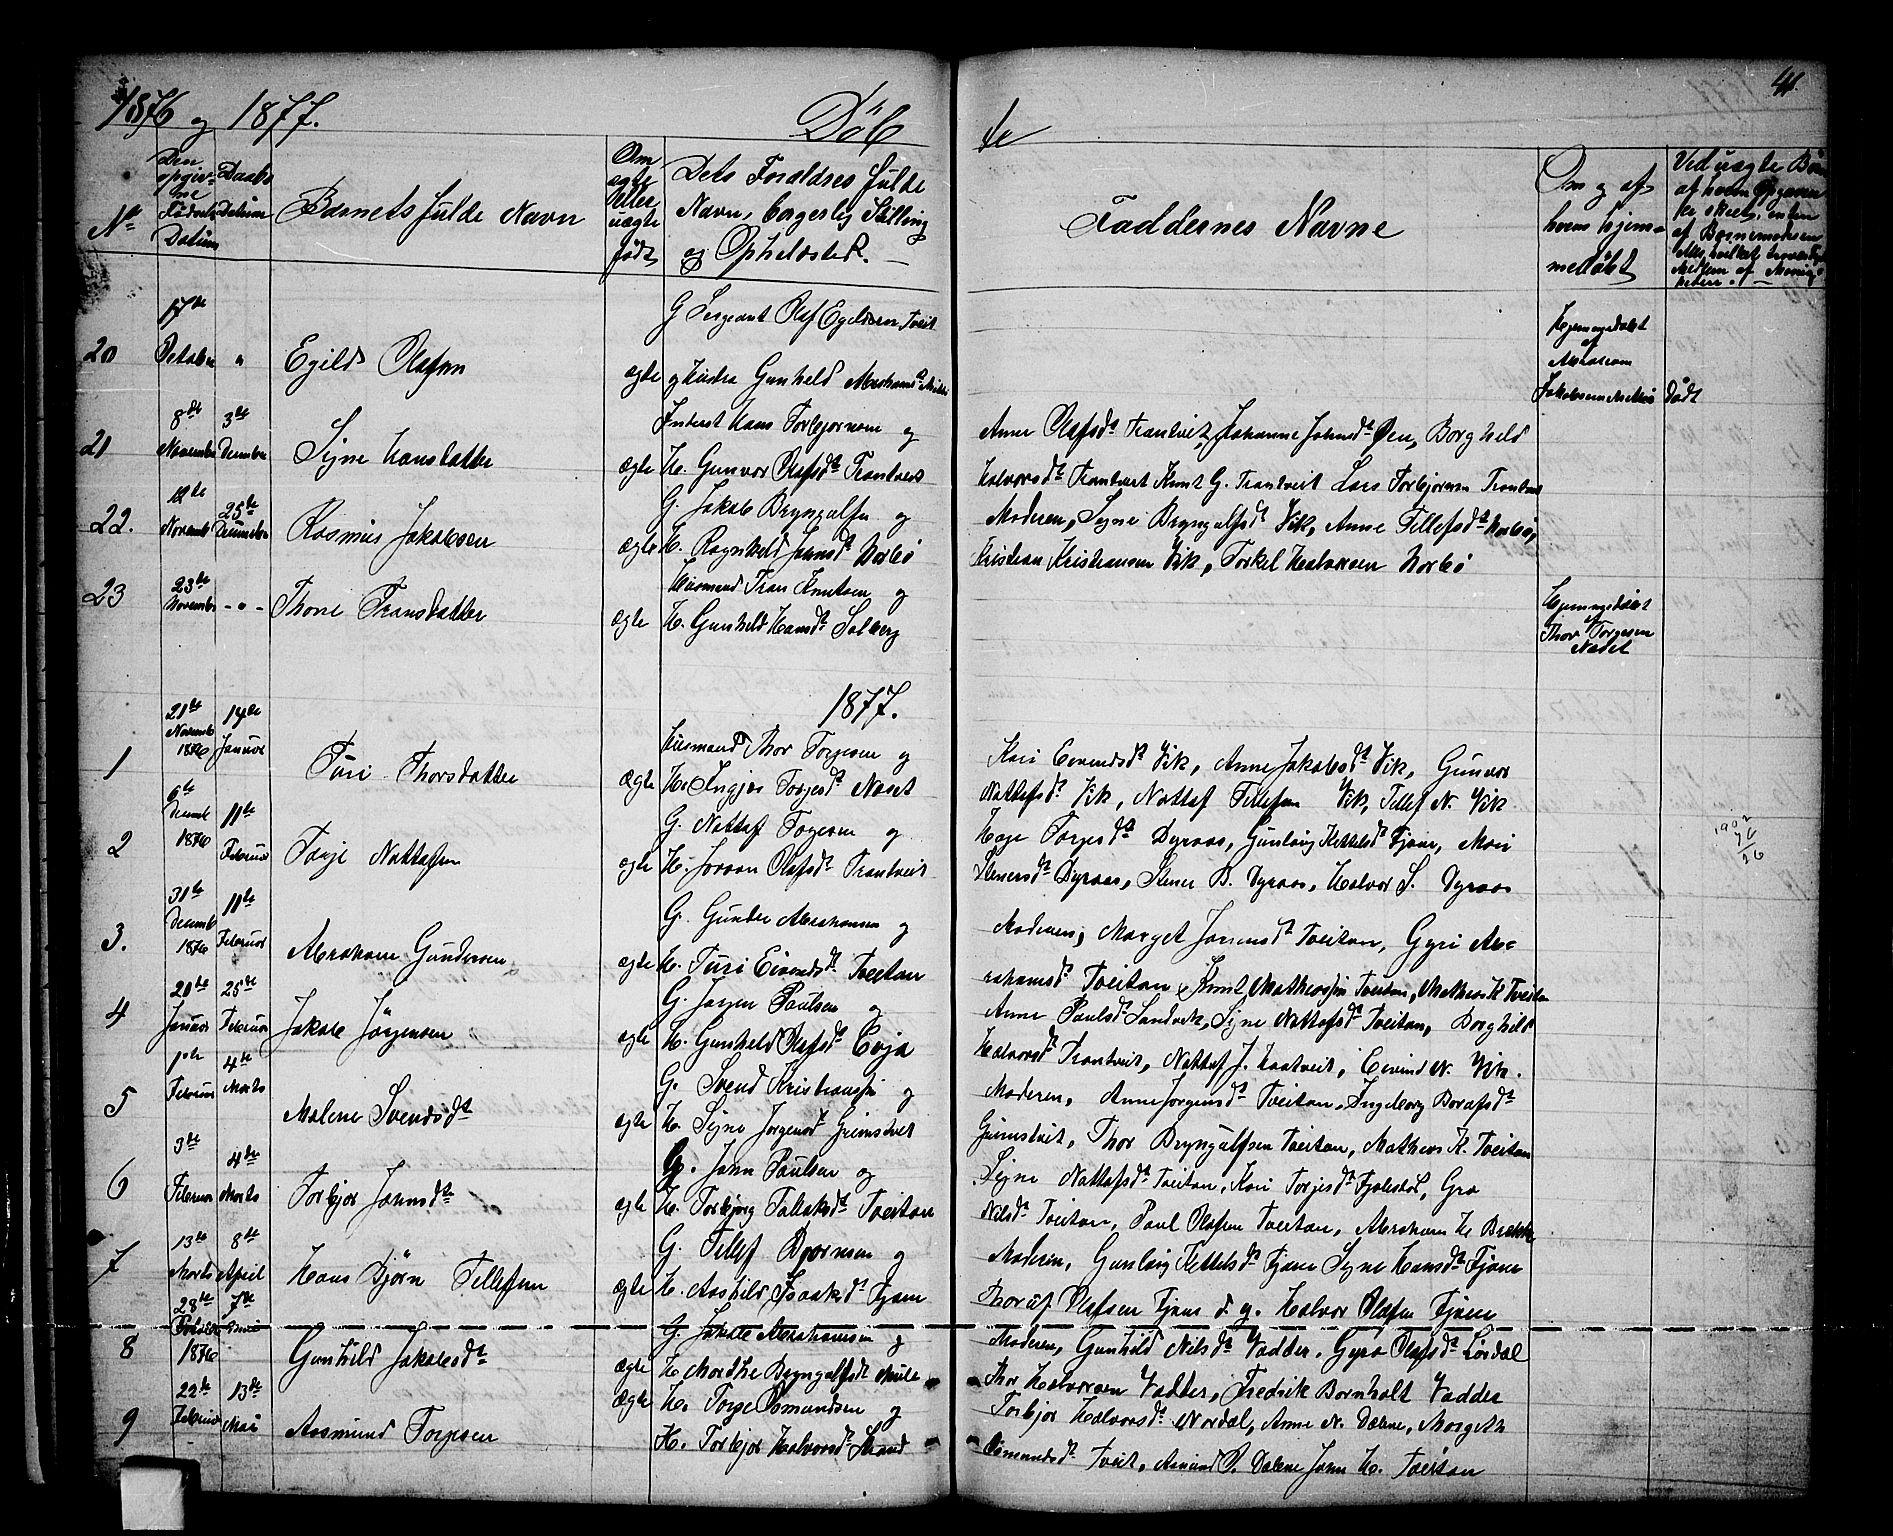 SAKO, Nissedal kirkebøker, G/Ga/L0002: Klokkerbok nr. I 2, 1861-1887, s. 41